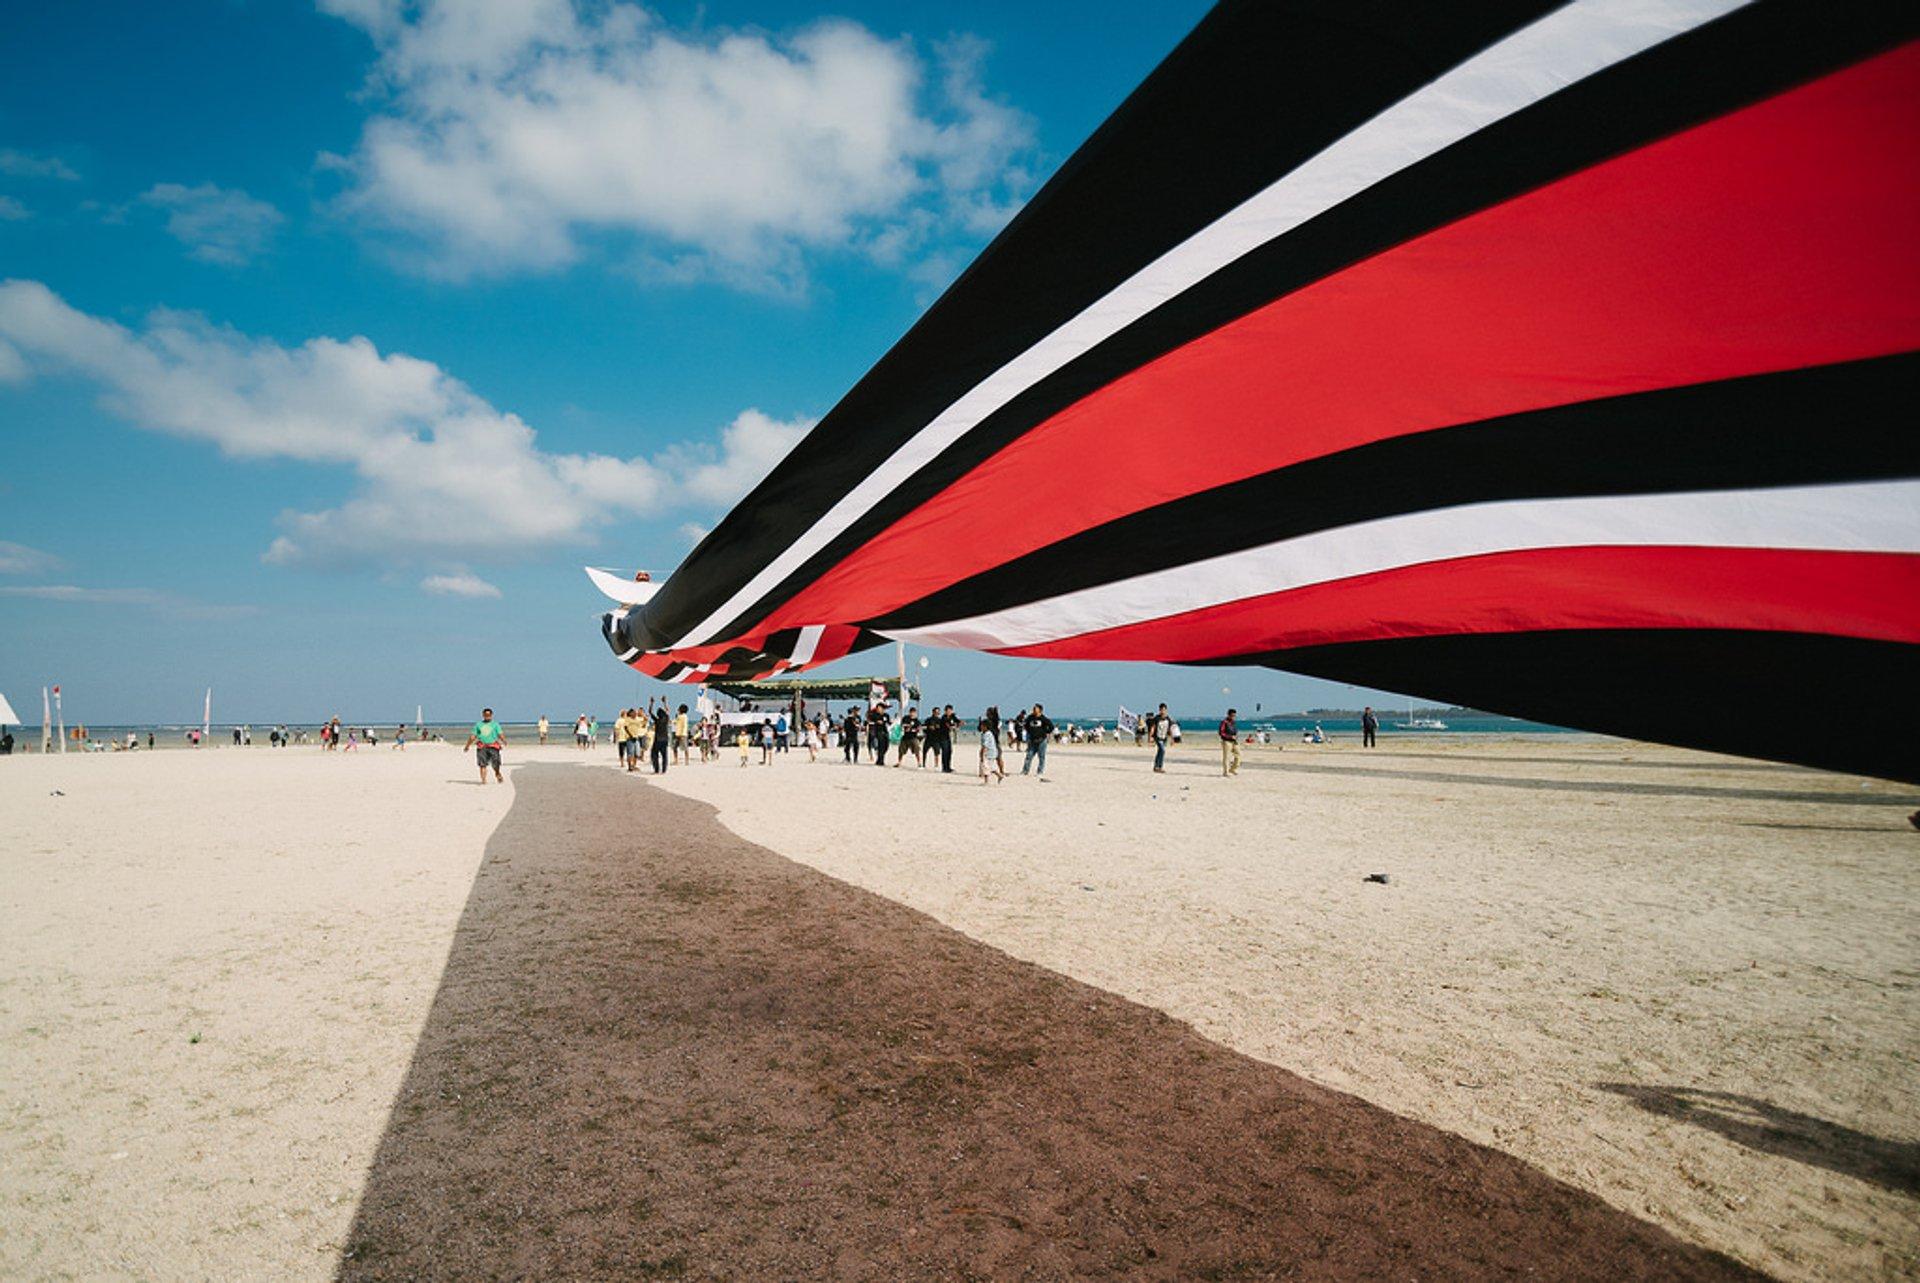 Bali Kite Festival in Bali - Best Season